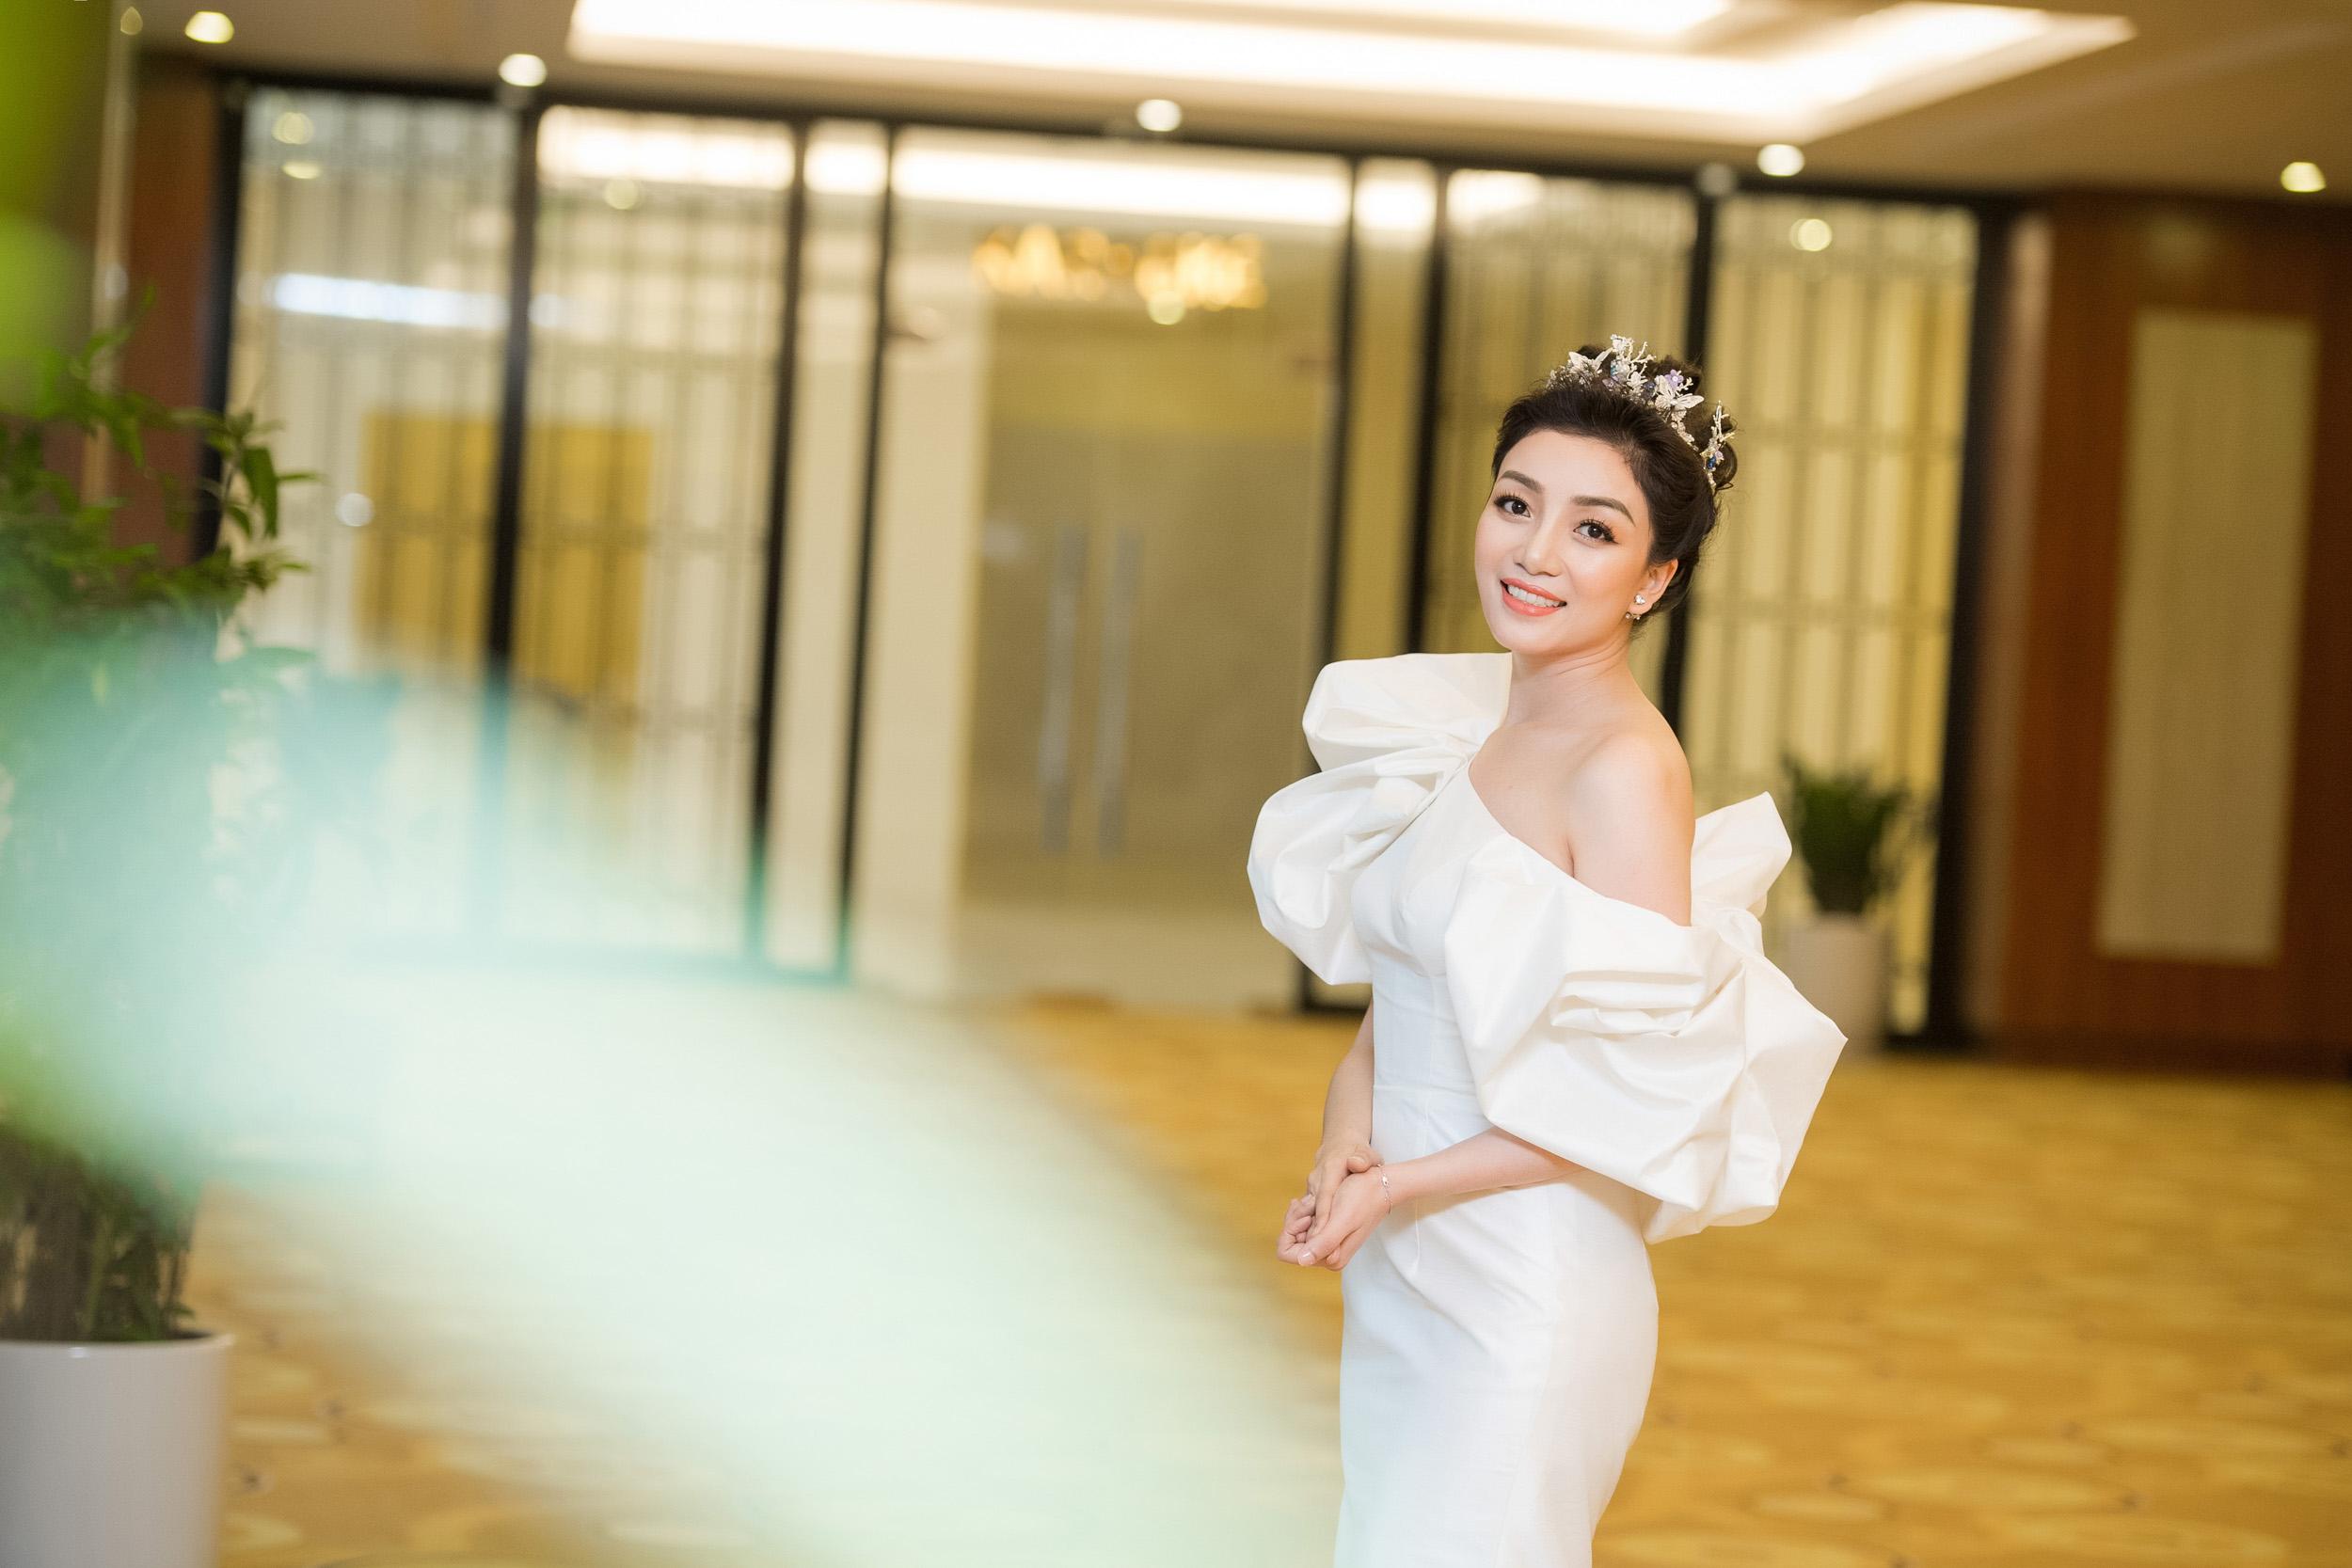 Hình ảnh Hoa mi bán cổ điển Phạm Thu Hà quyến rũ với đầm trắng số 4